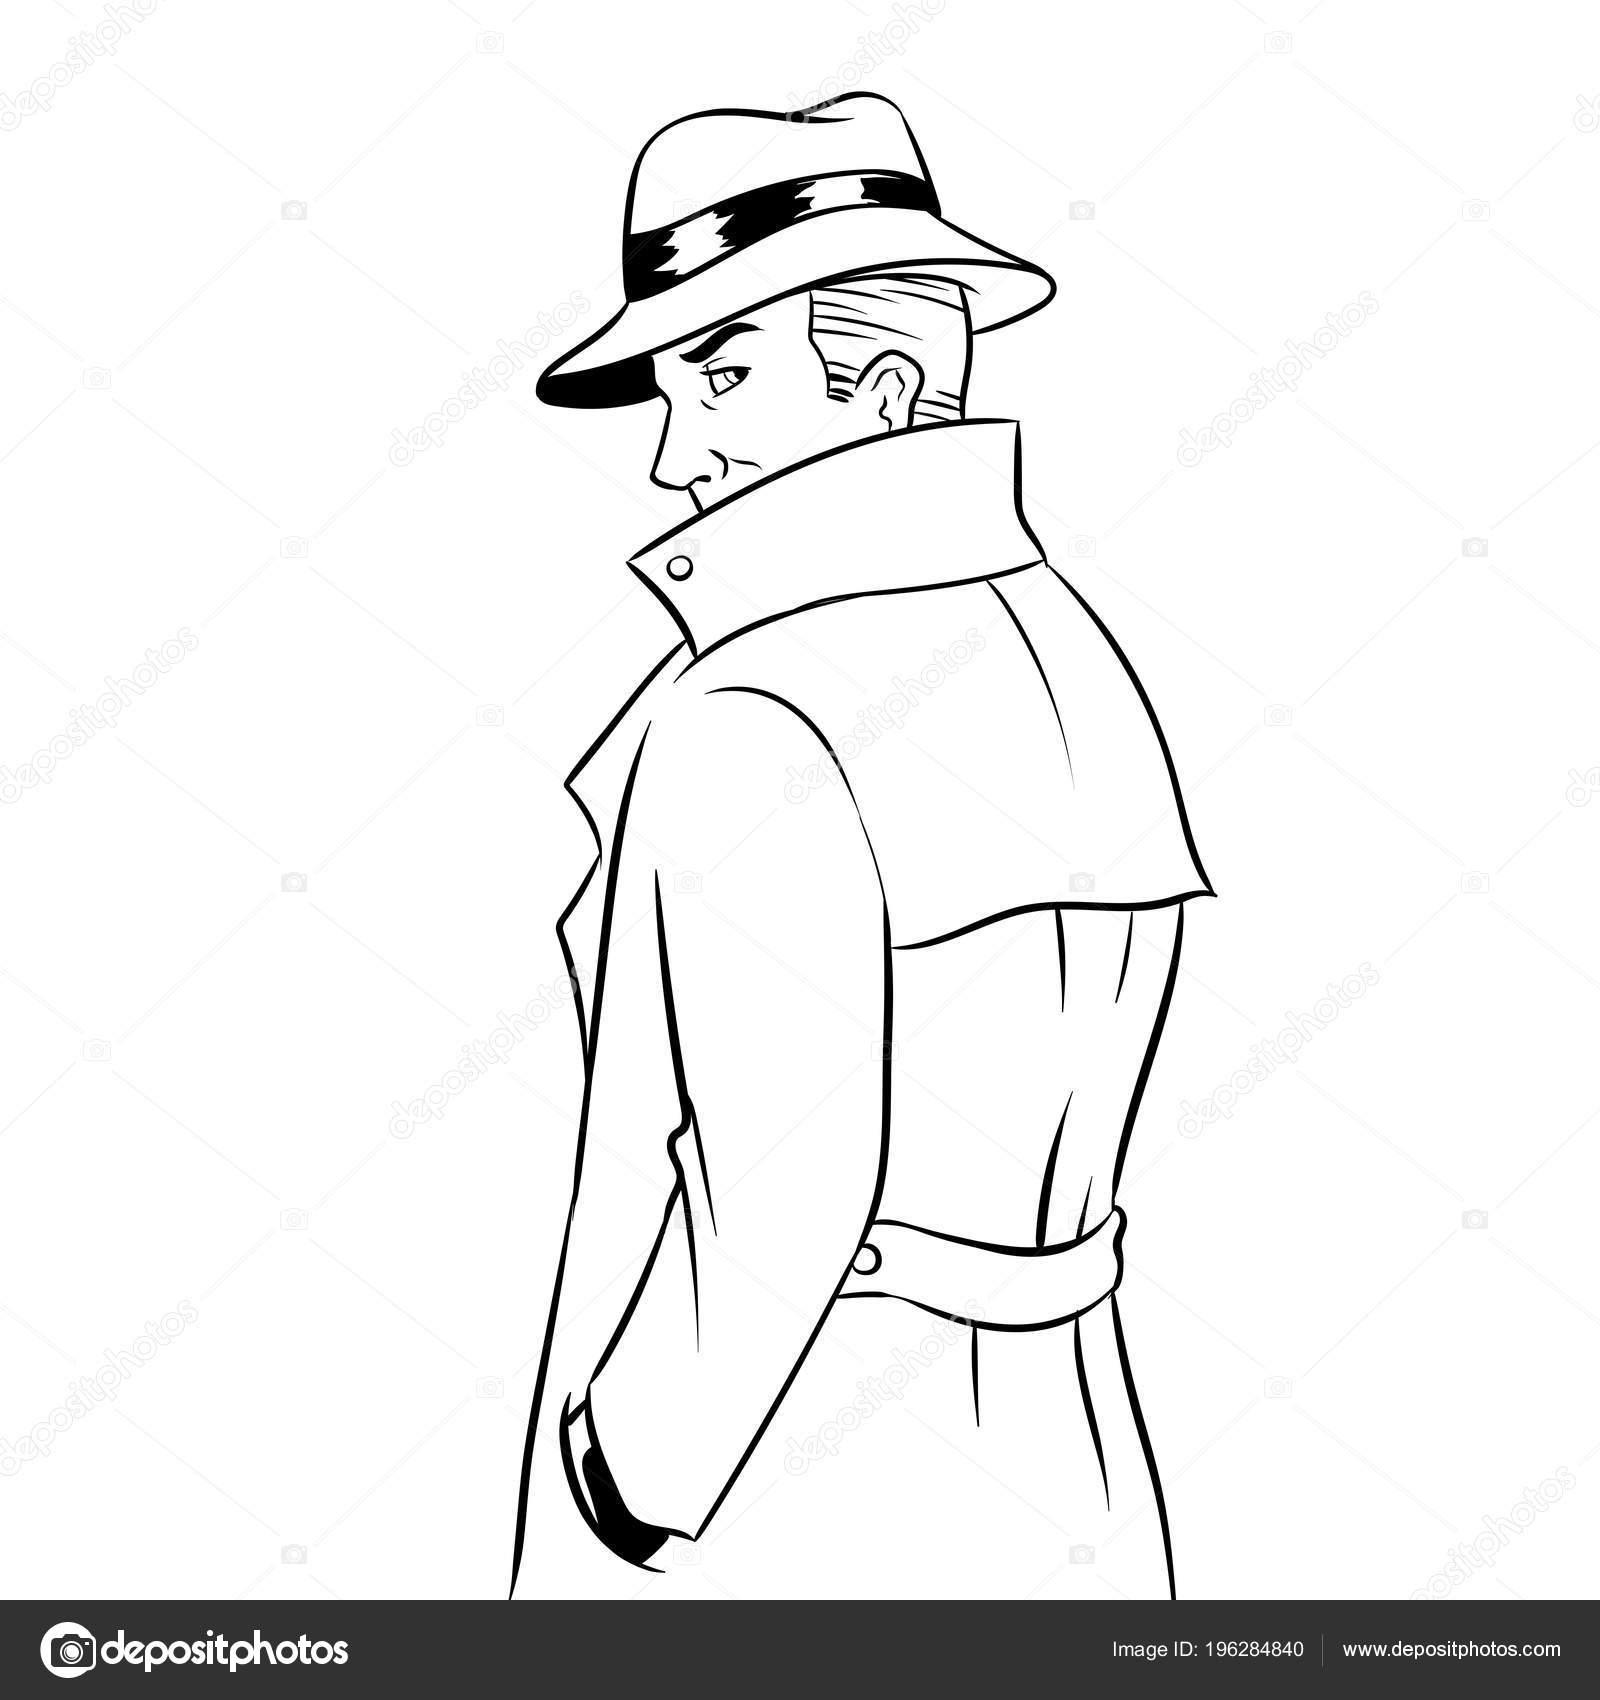 Imágenes: impermeable para colorear | Espía impermeable y sombrero